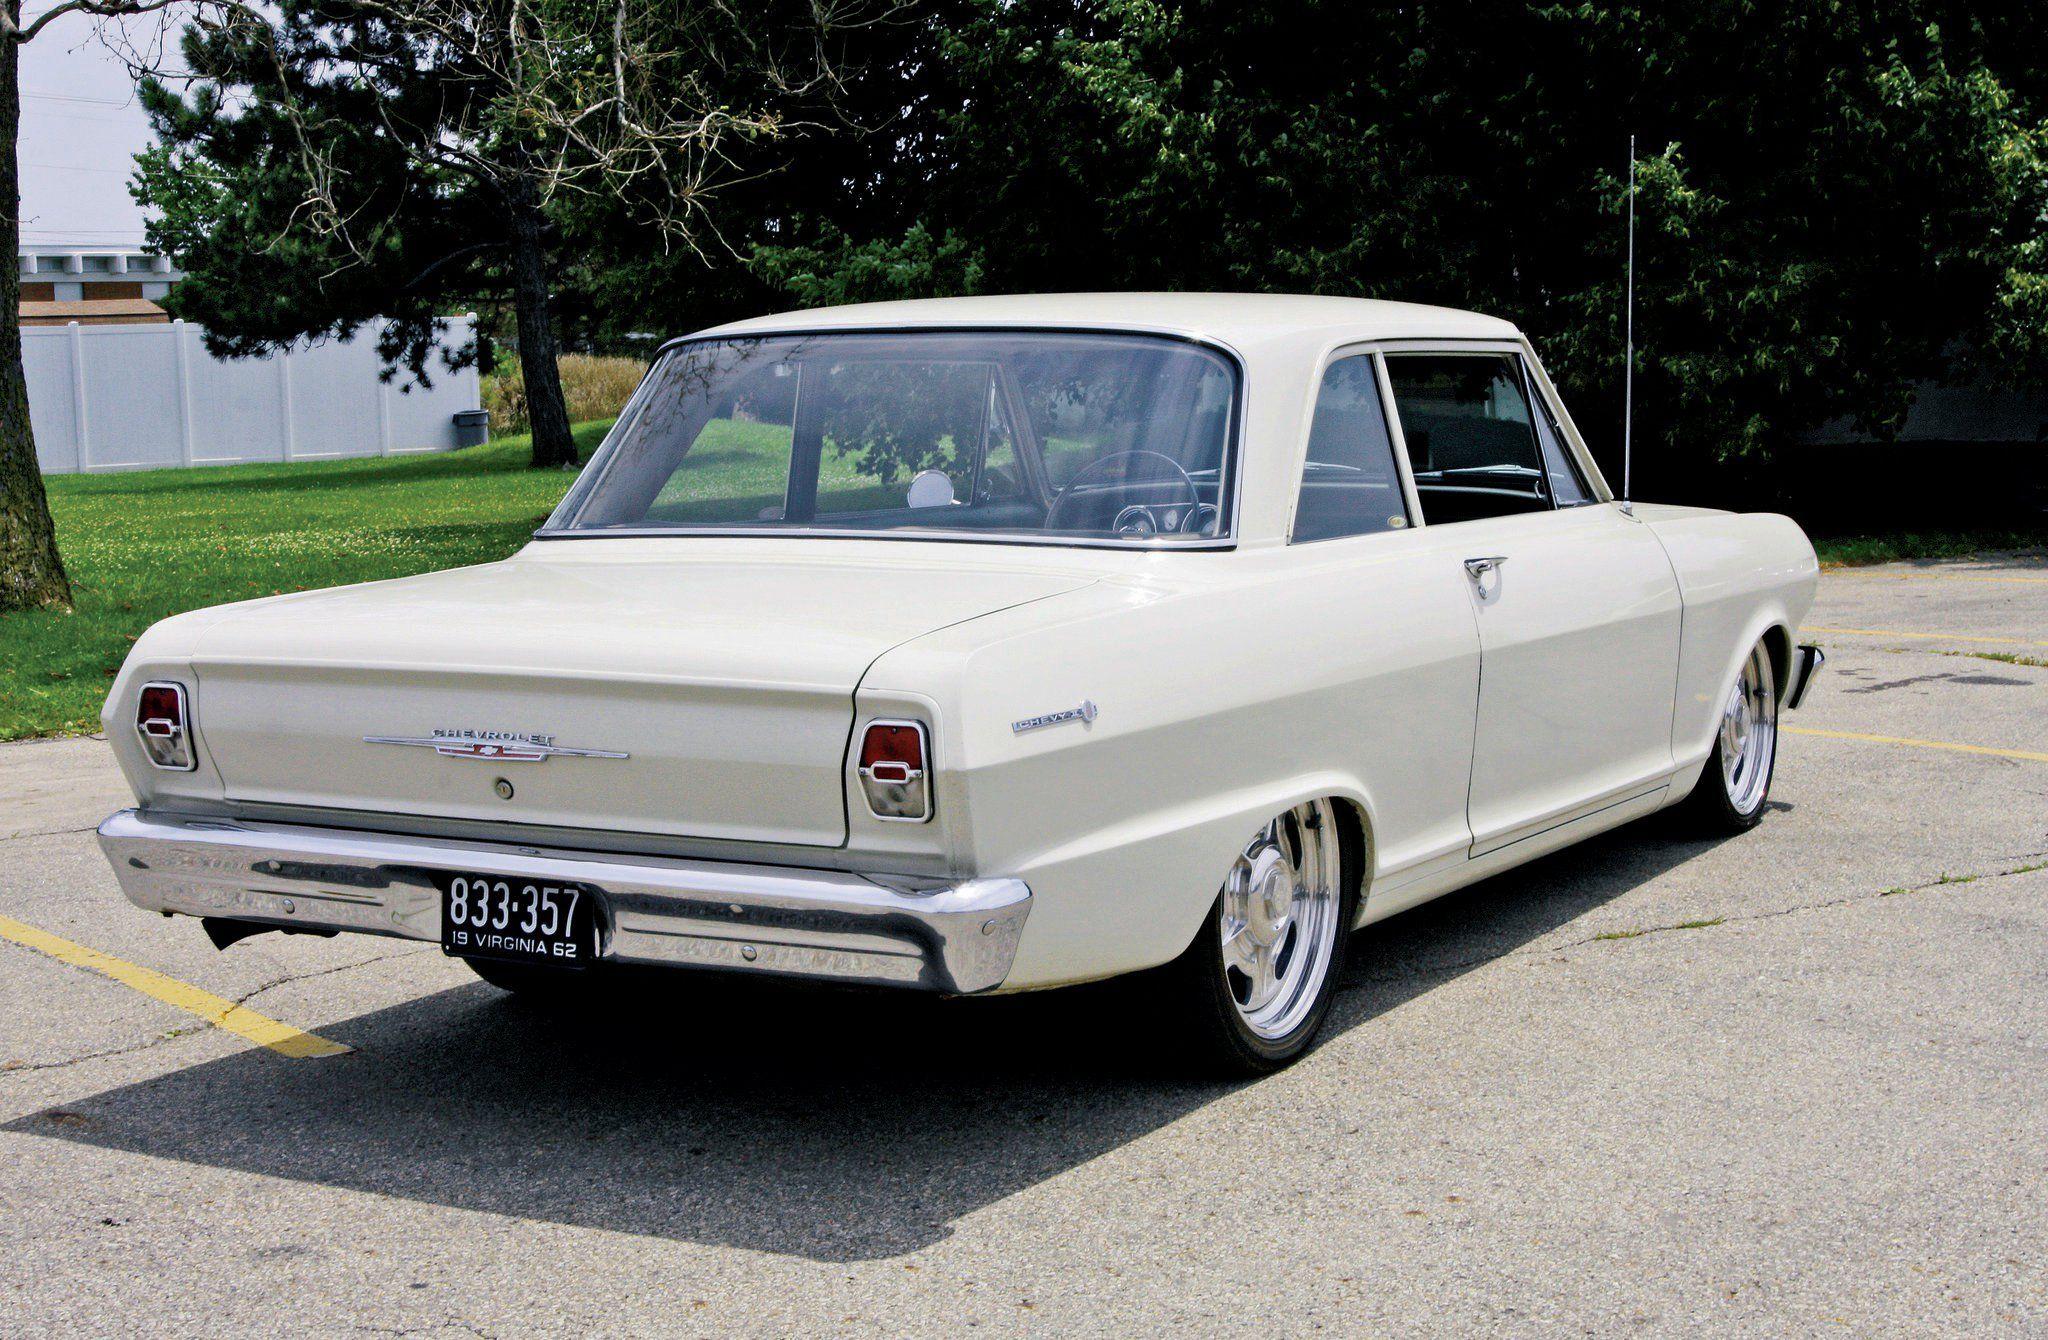 1962 Chevrolet Nomad Early Iron Hot Rod Network Chevrolet Chevy Nova Chevrolet Nova